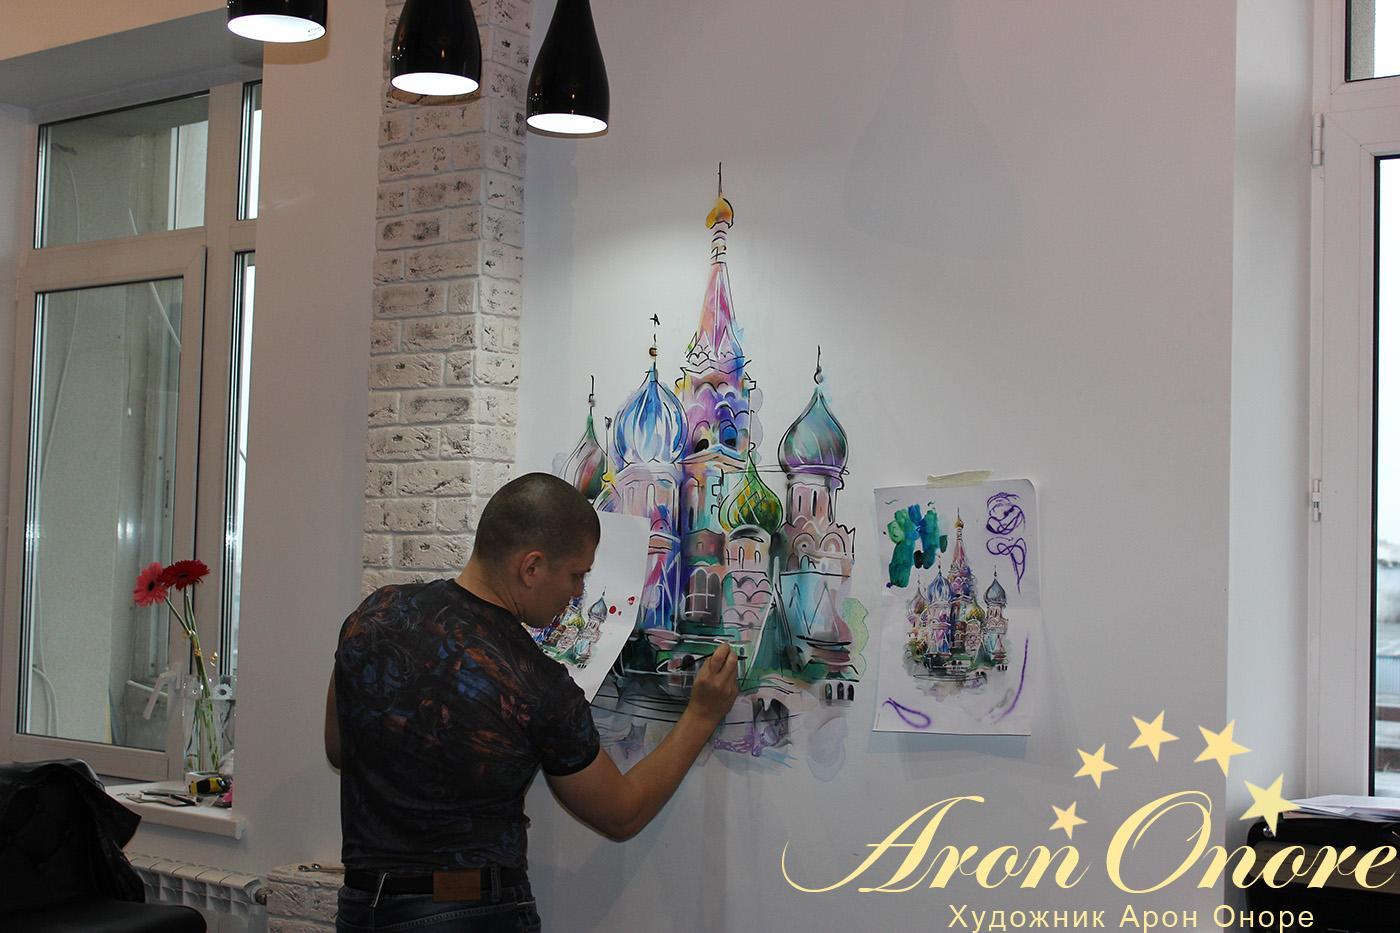 арон оноре рисует на стене кухне храм